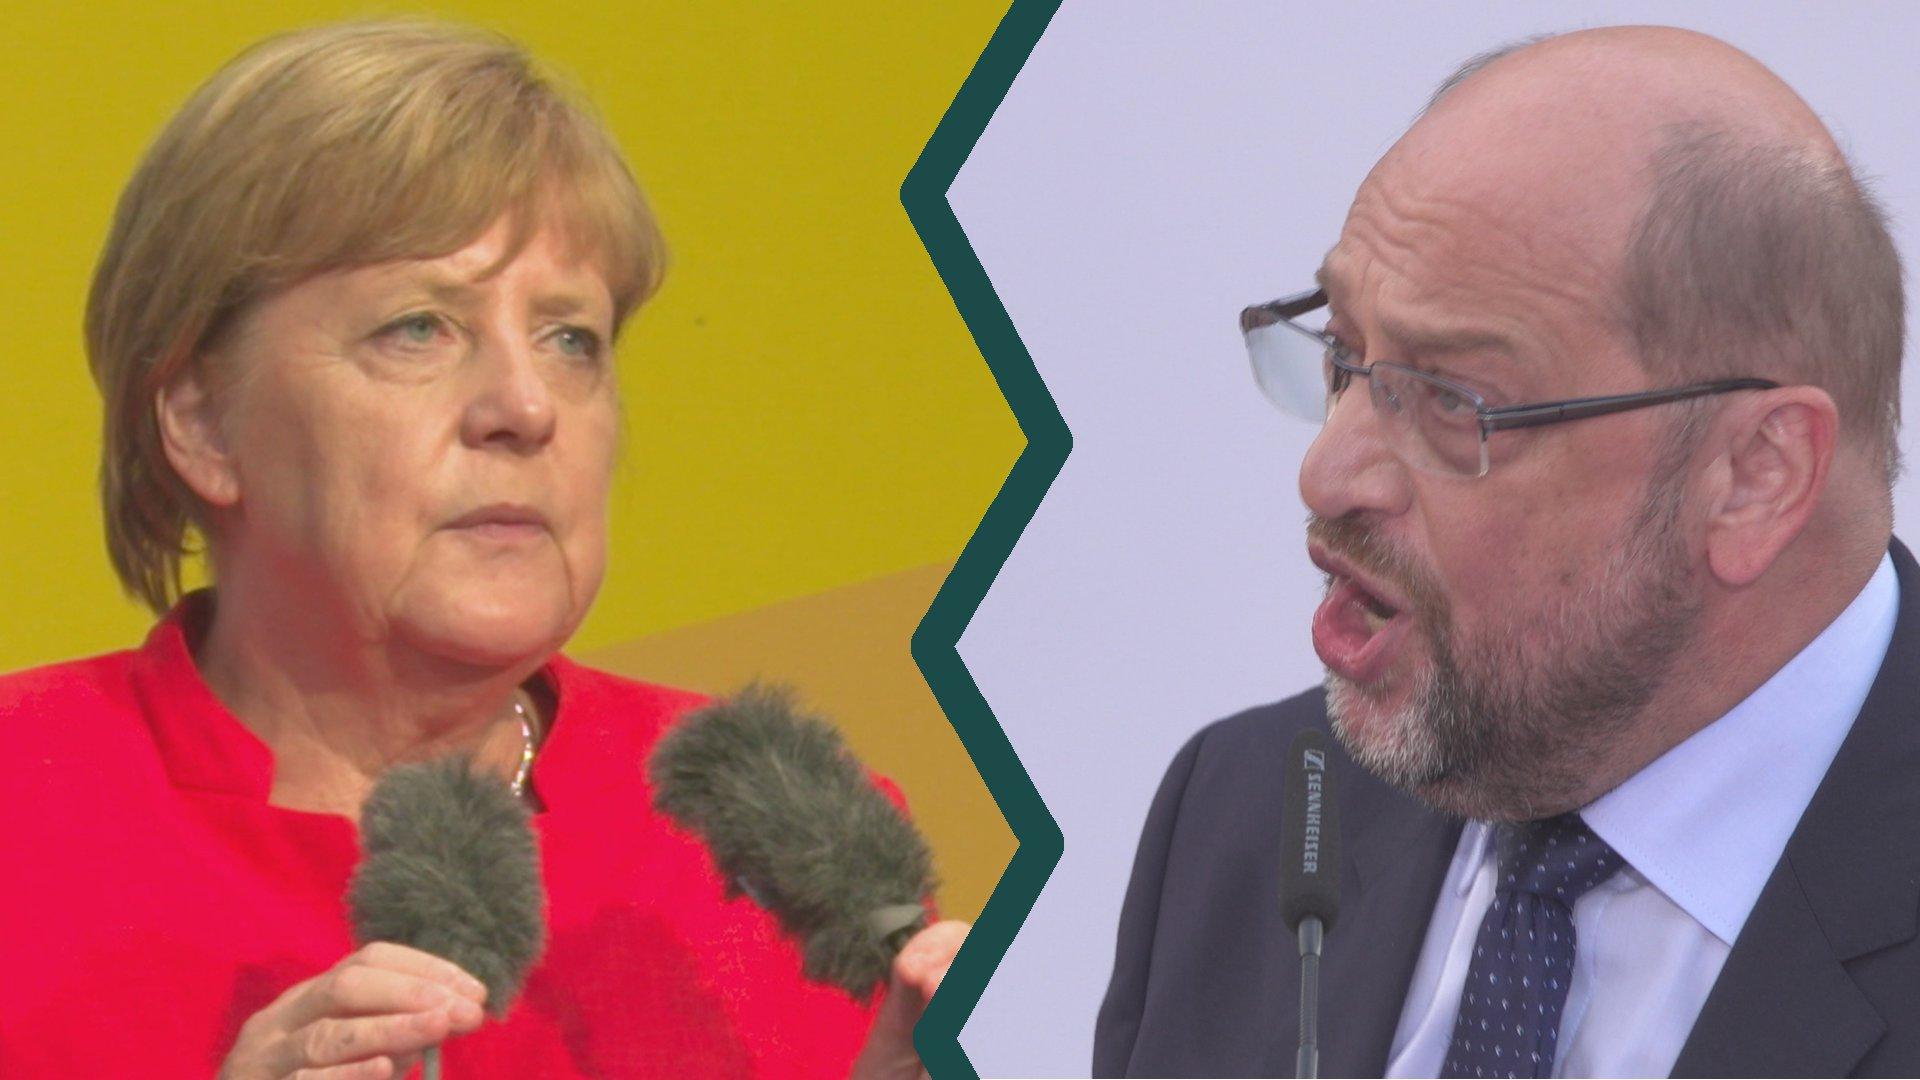 Heißer Wahlkampf: So werben Merkel und Schulz um Wähler